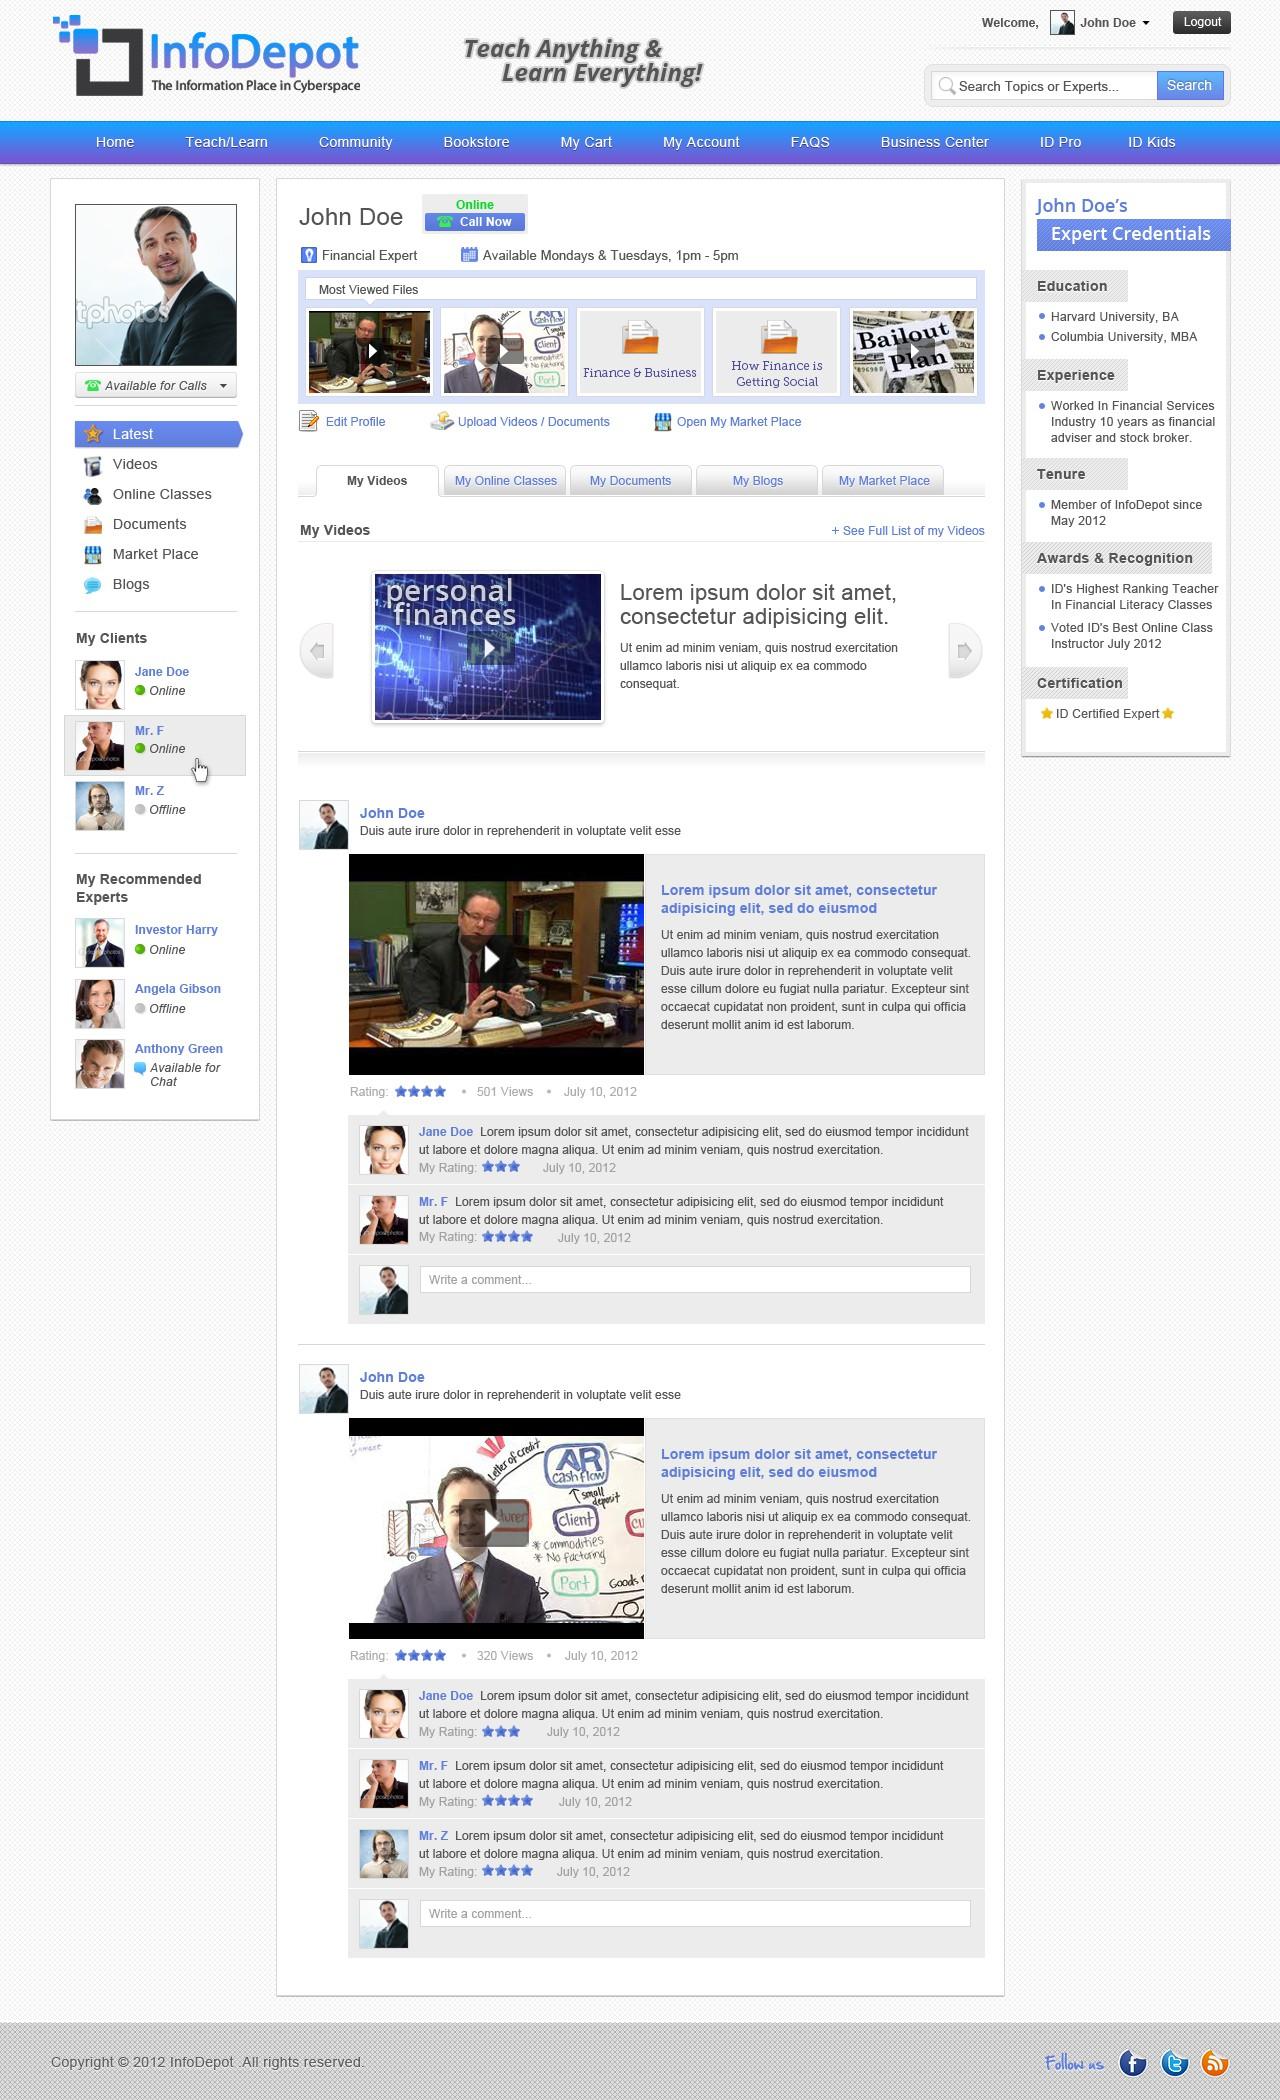 InfoDepot.com needs a new website design